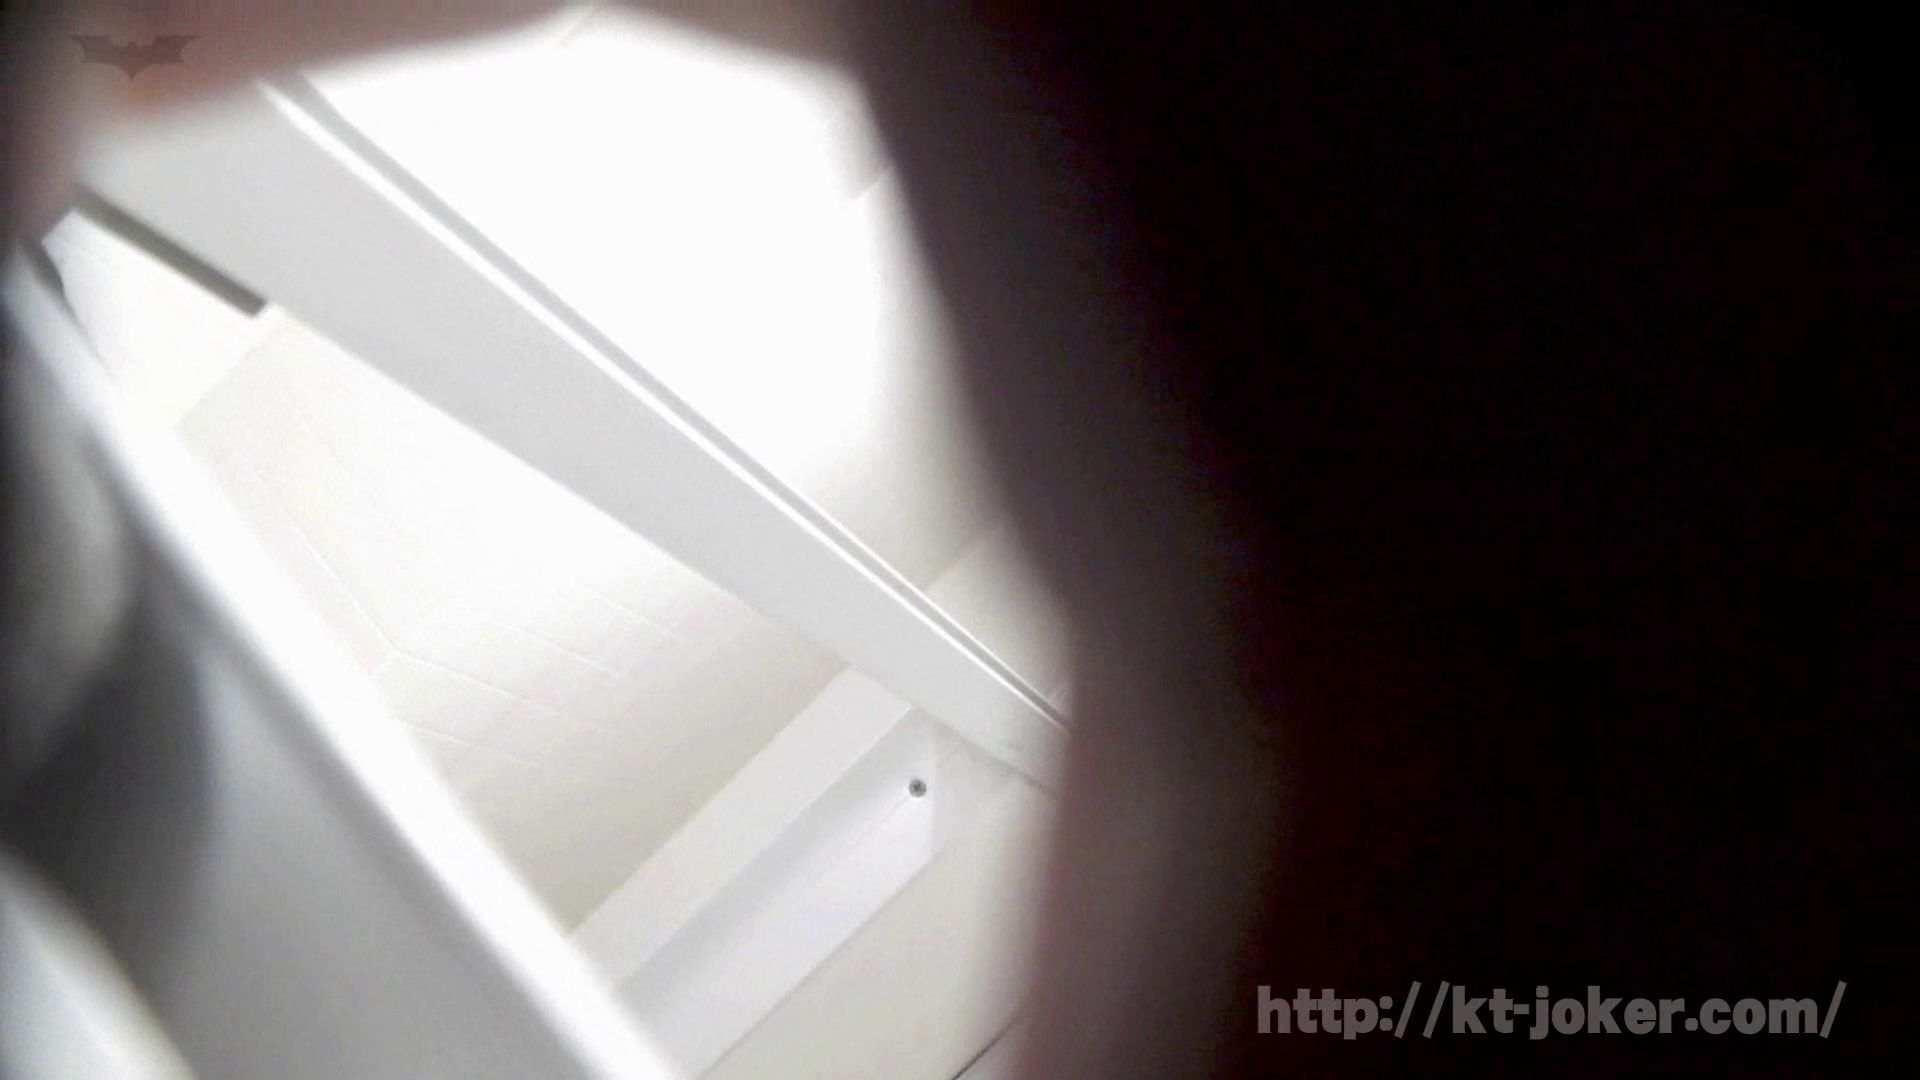 命がけ潜伏洗面所! vol.70 シリーズ一番エロい尻登場 OLヌード天国 | プライベート投稿  100PIX 67